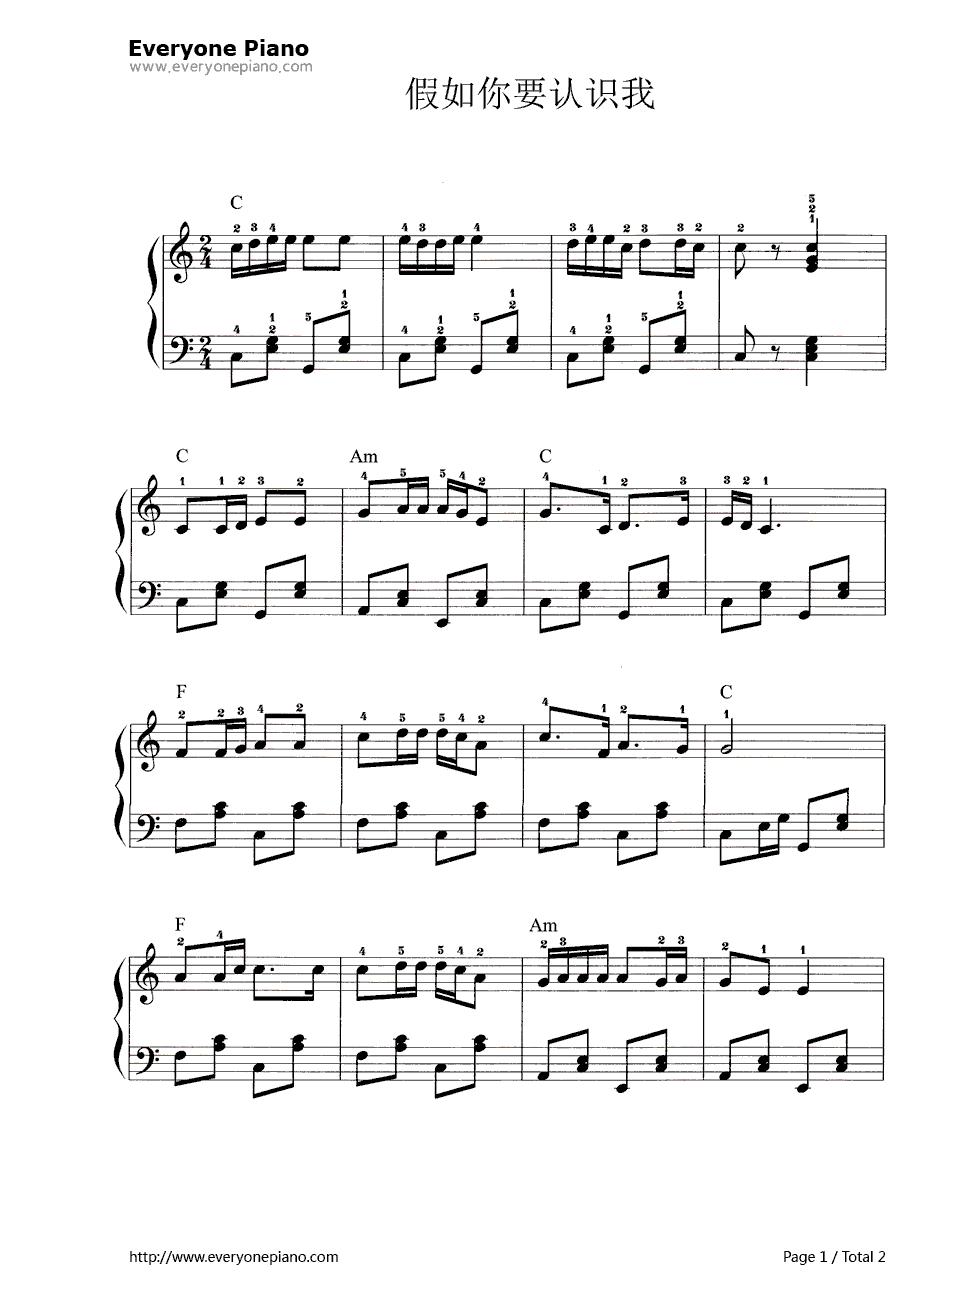 双手简谱)免费下载; 认识钢琴谱 天空之城钢琴谱泡沫钢琴谱美女私房照